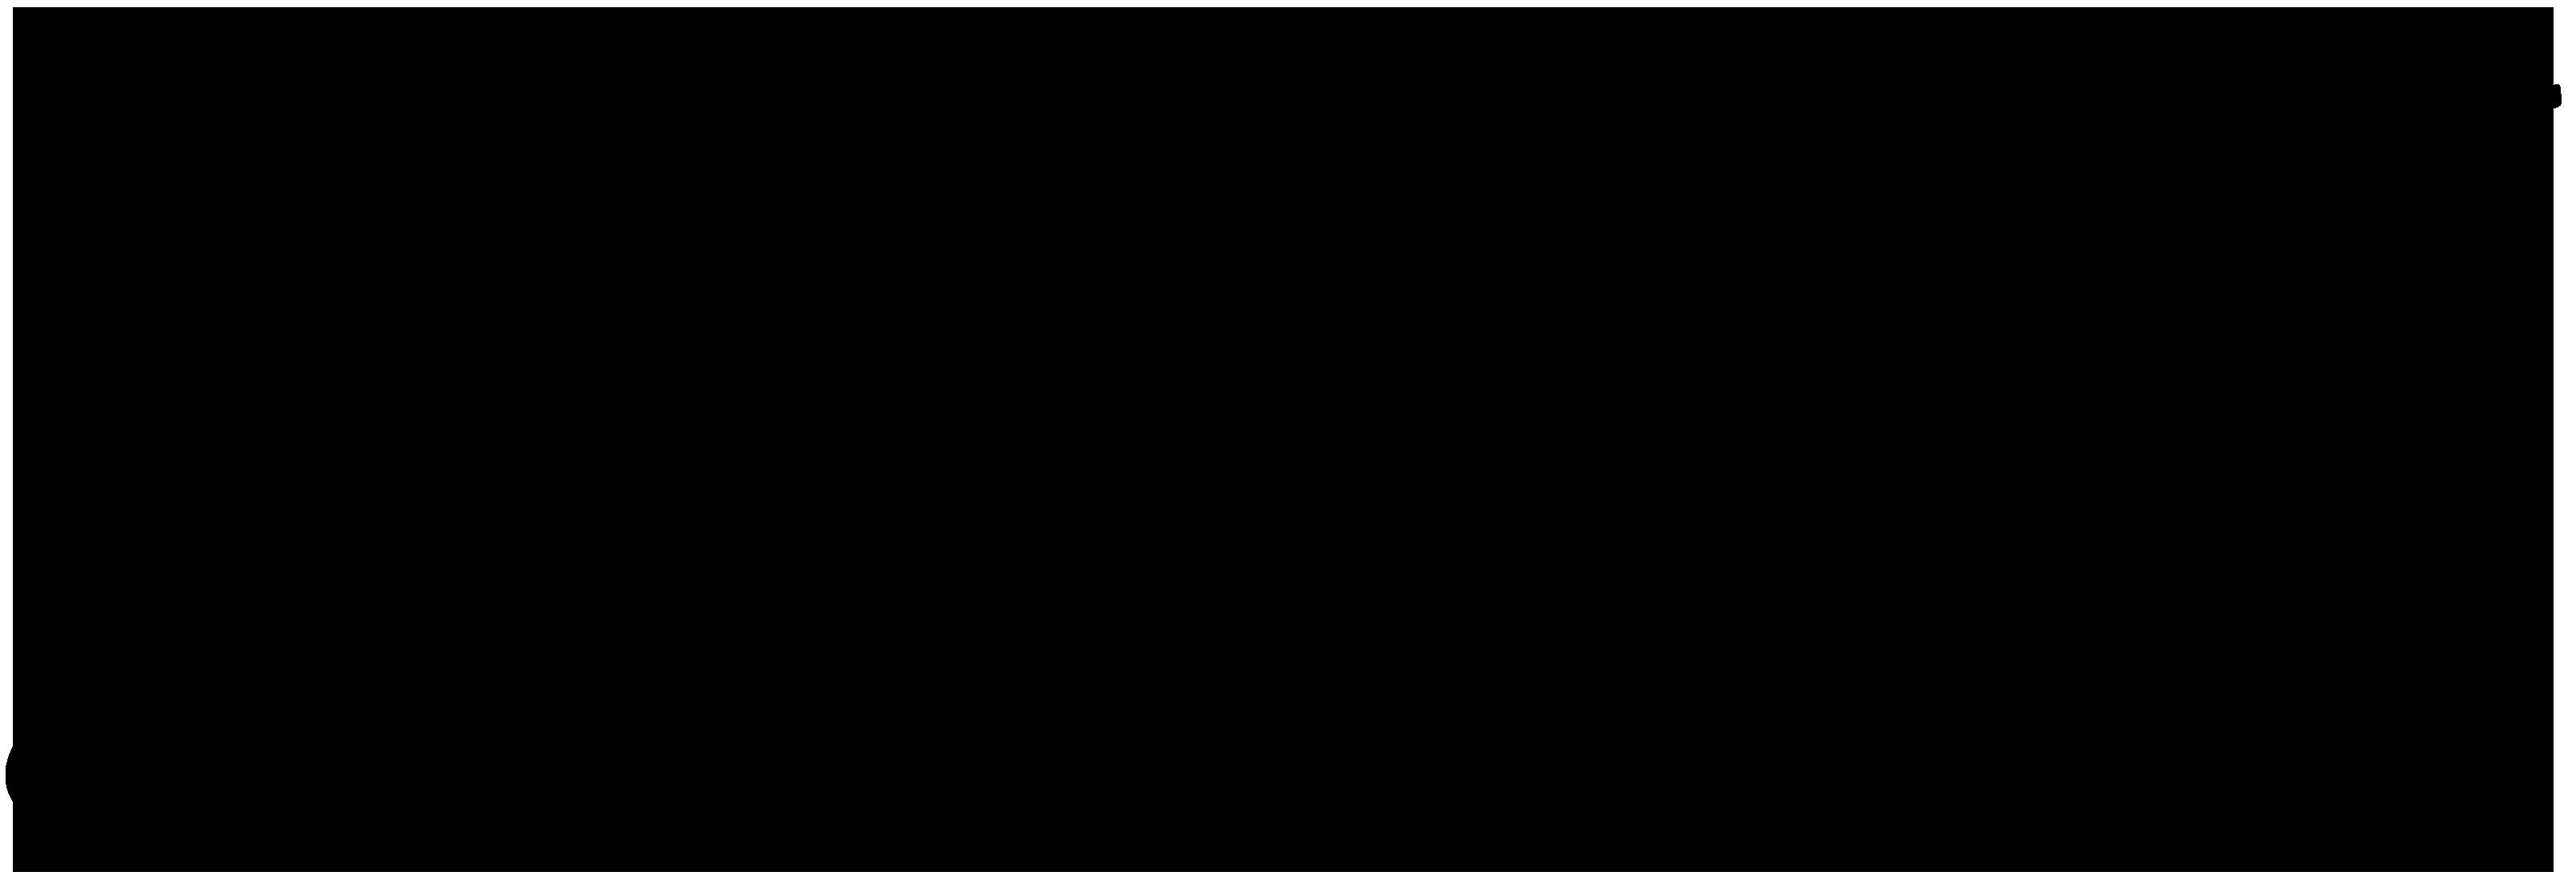 株式会社B-plusロゴ